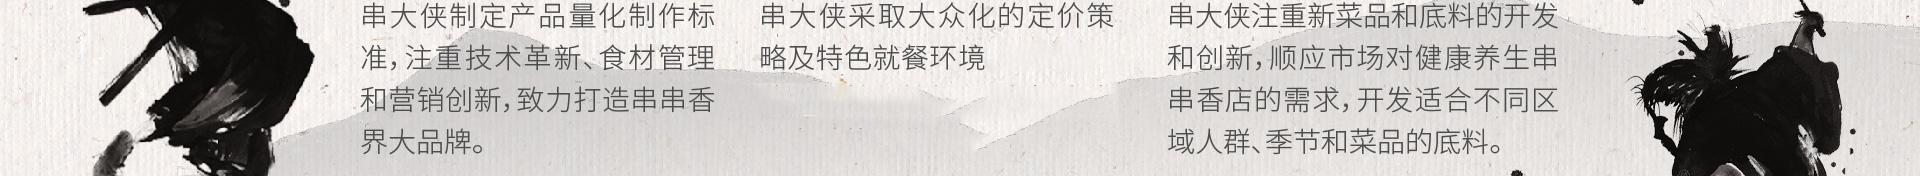 串大侠串串火锅cdx_12